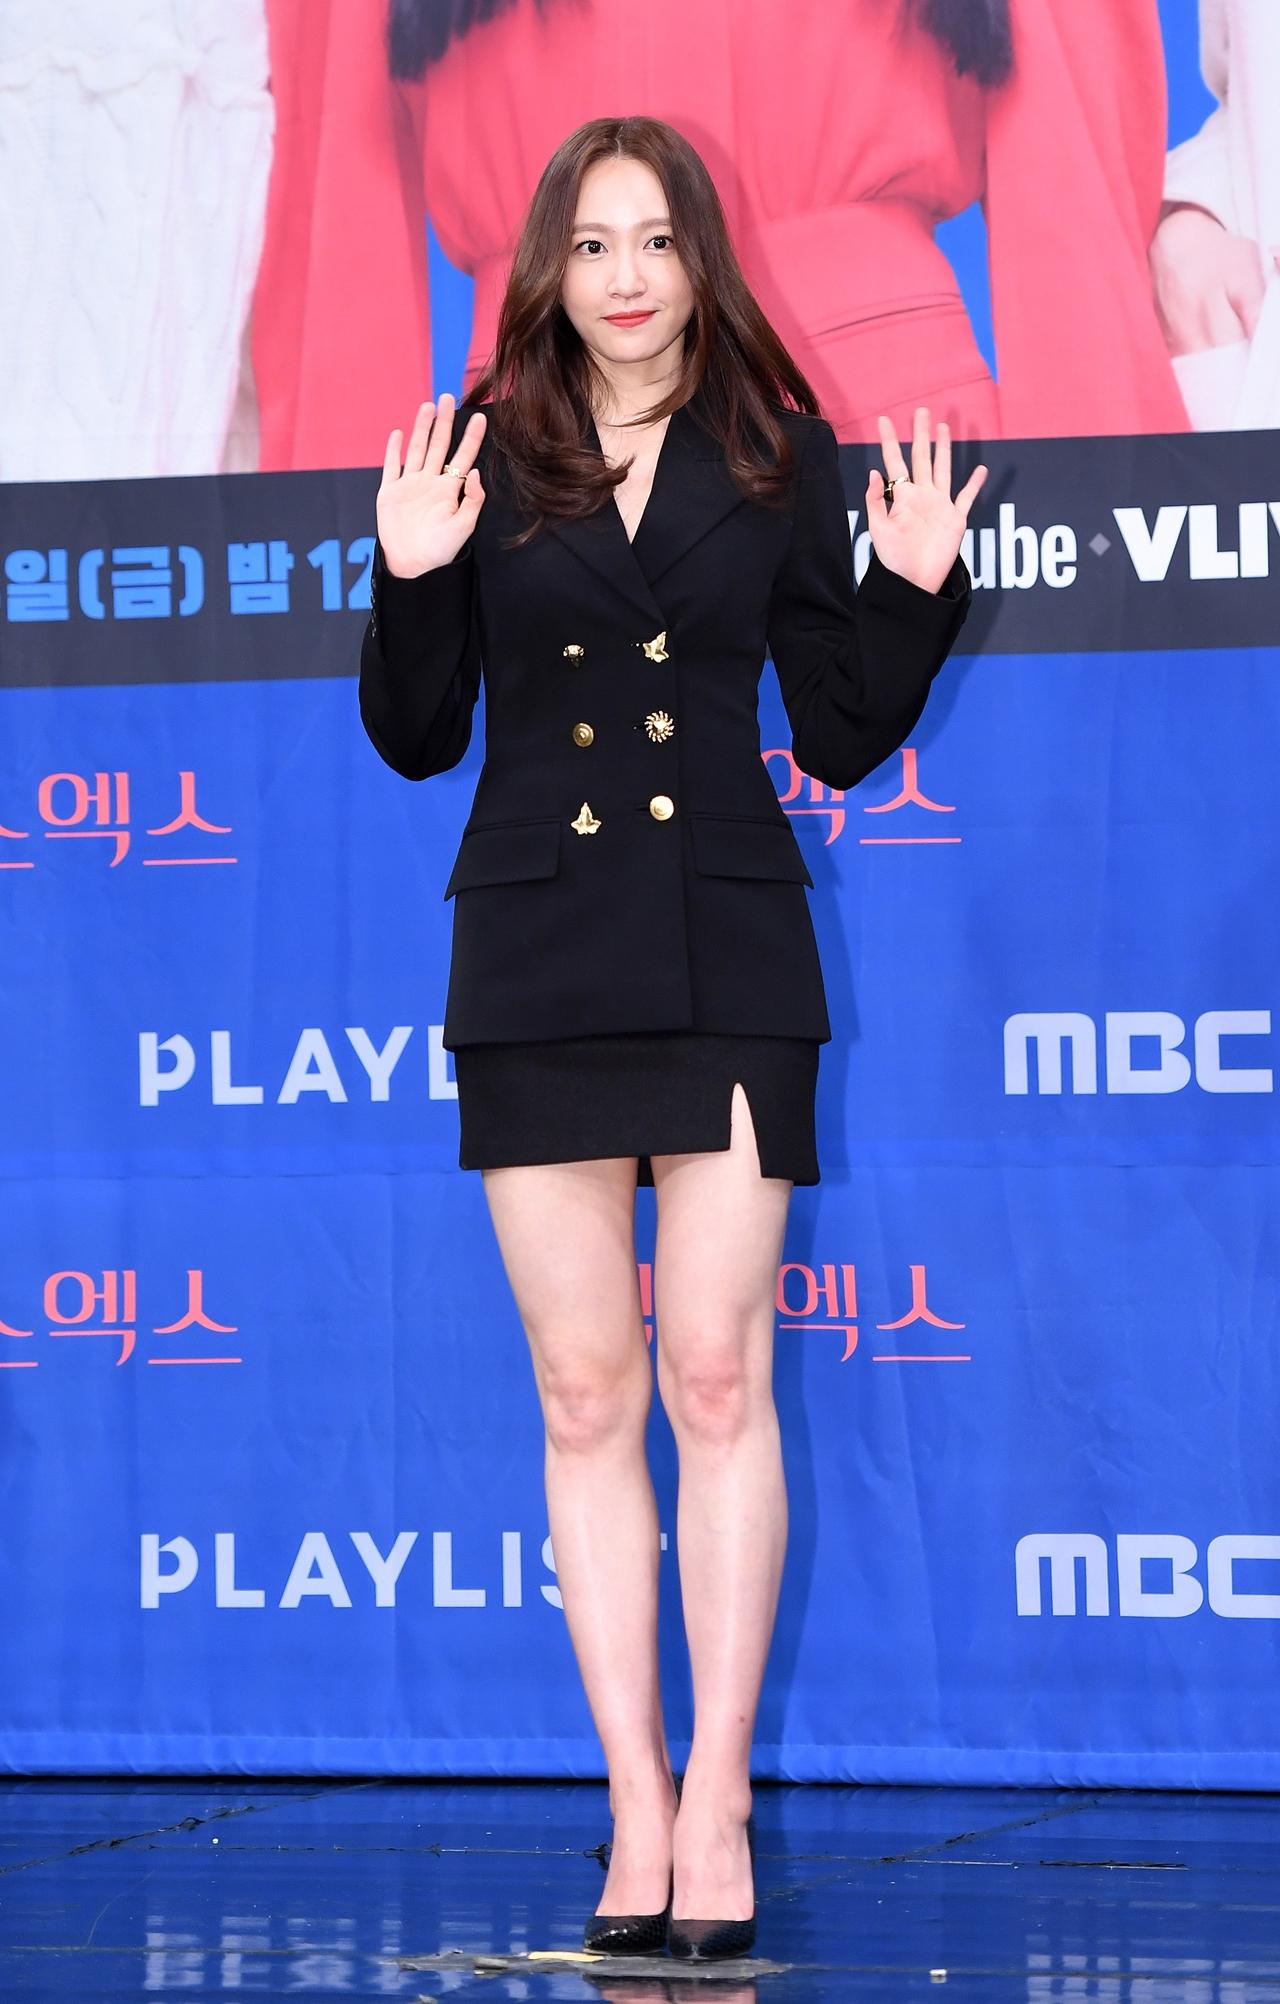 [단독] 하니, '미생' 정윤정 작가 신작 JTBC '아이돌' 주인공